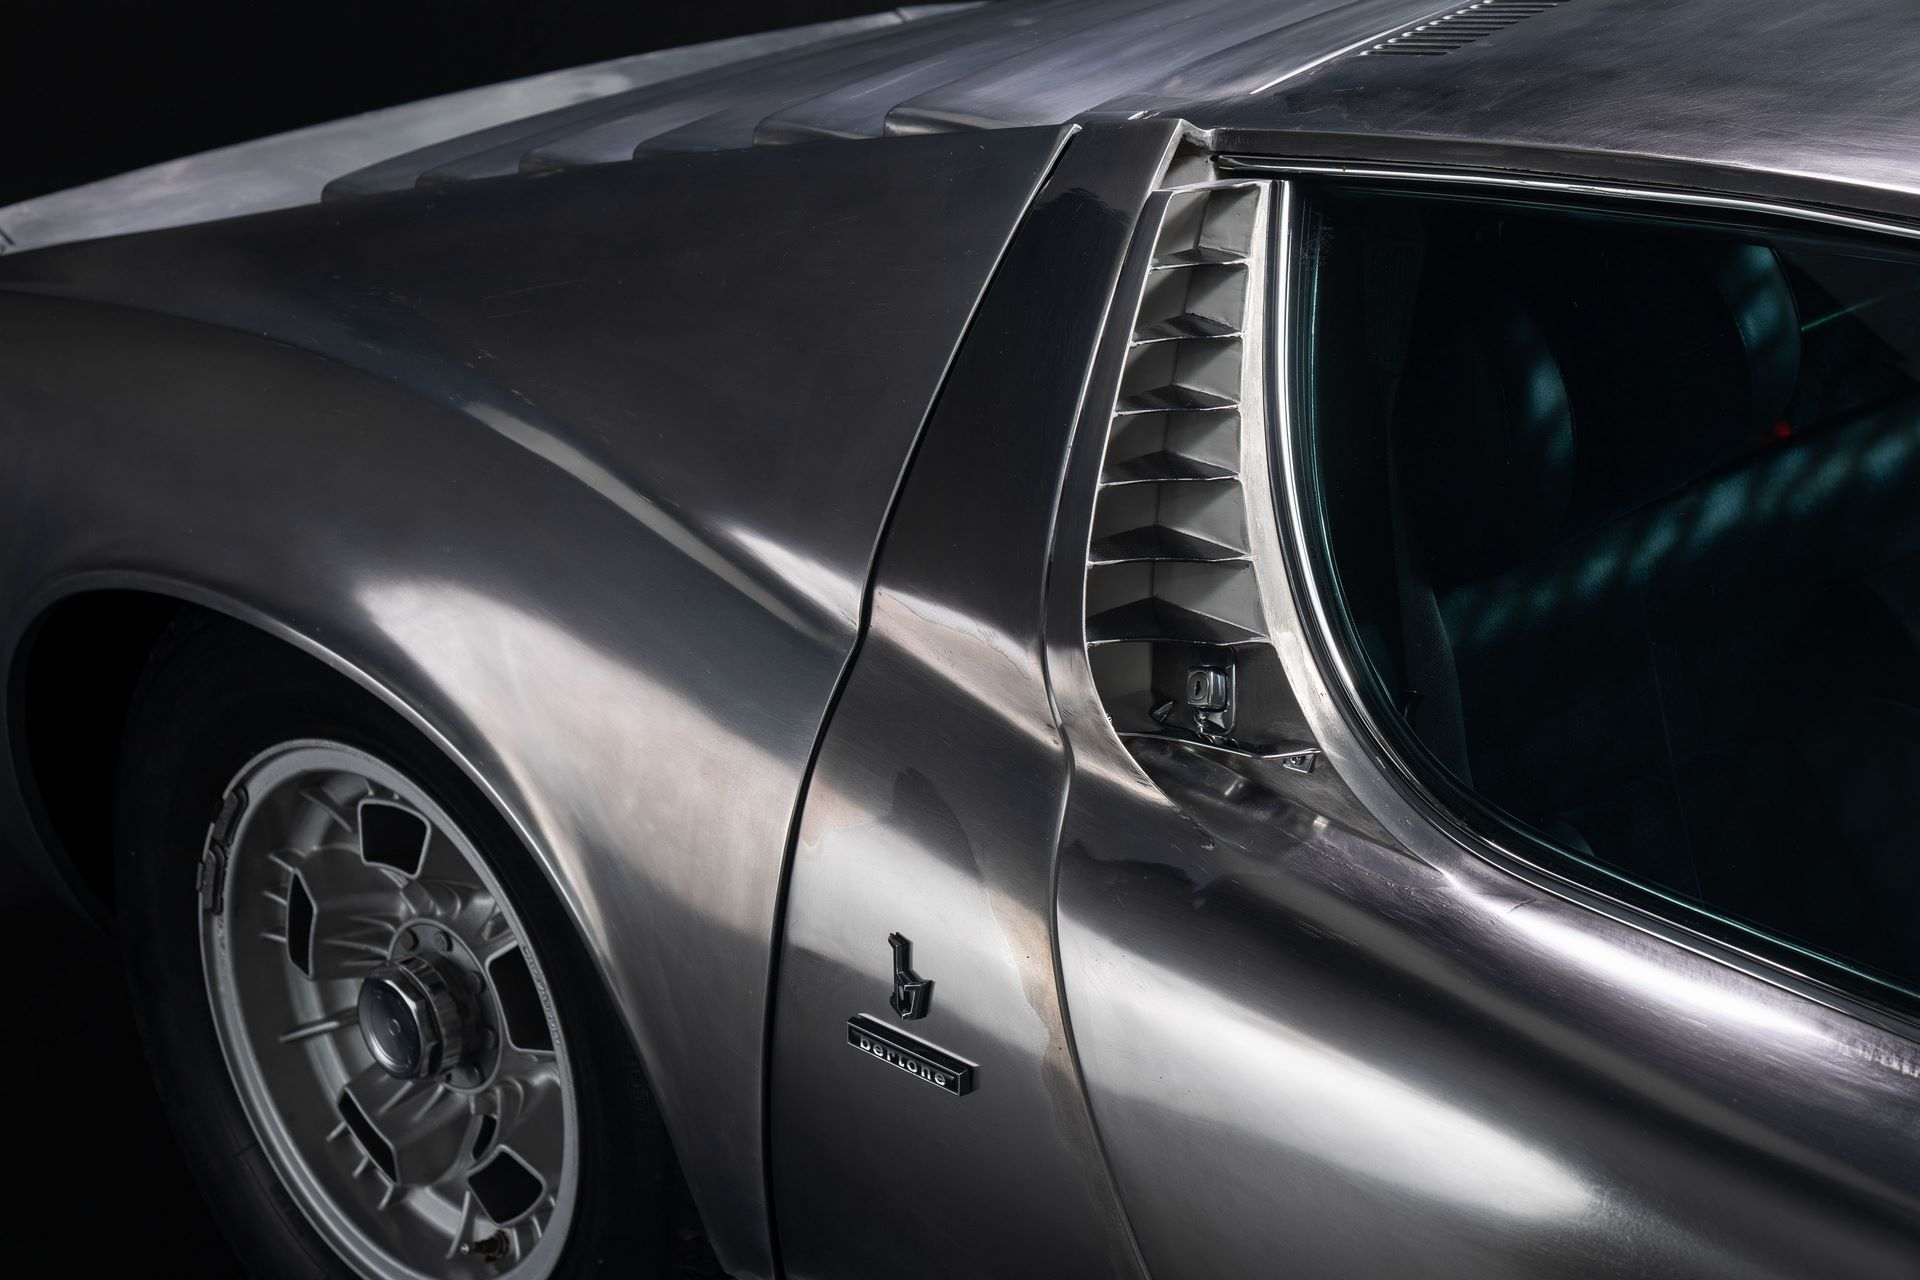 1971-Lamborghini-Miura-P400-S-by-Bertone_26